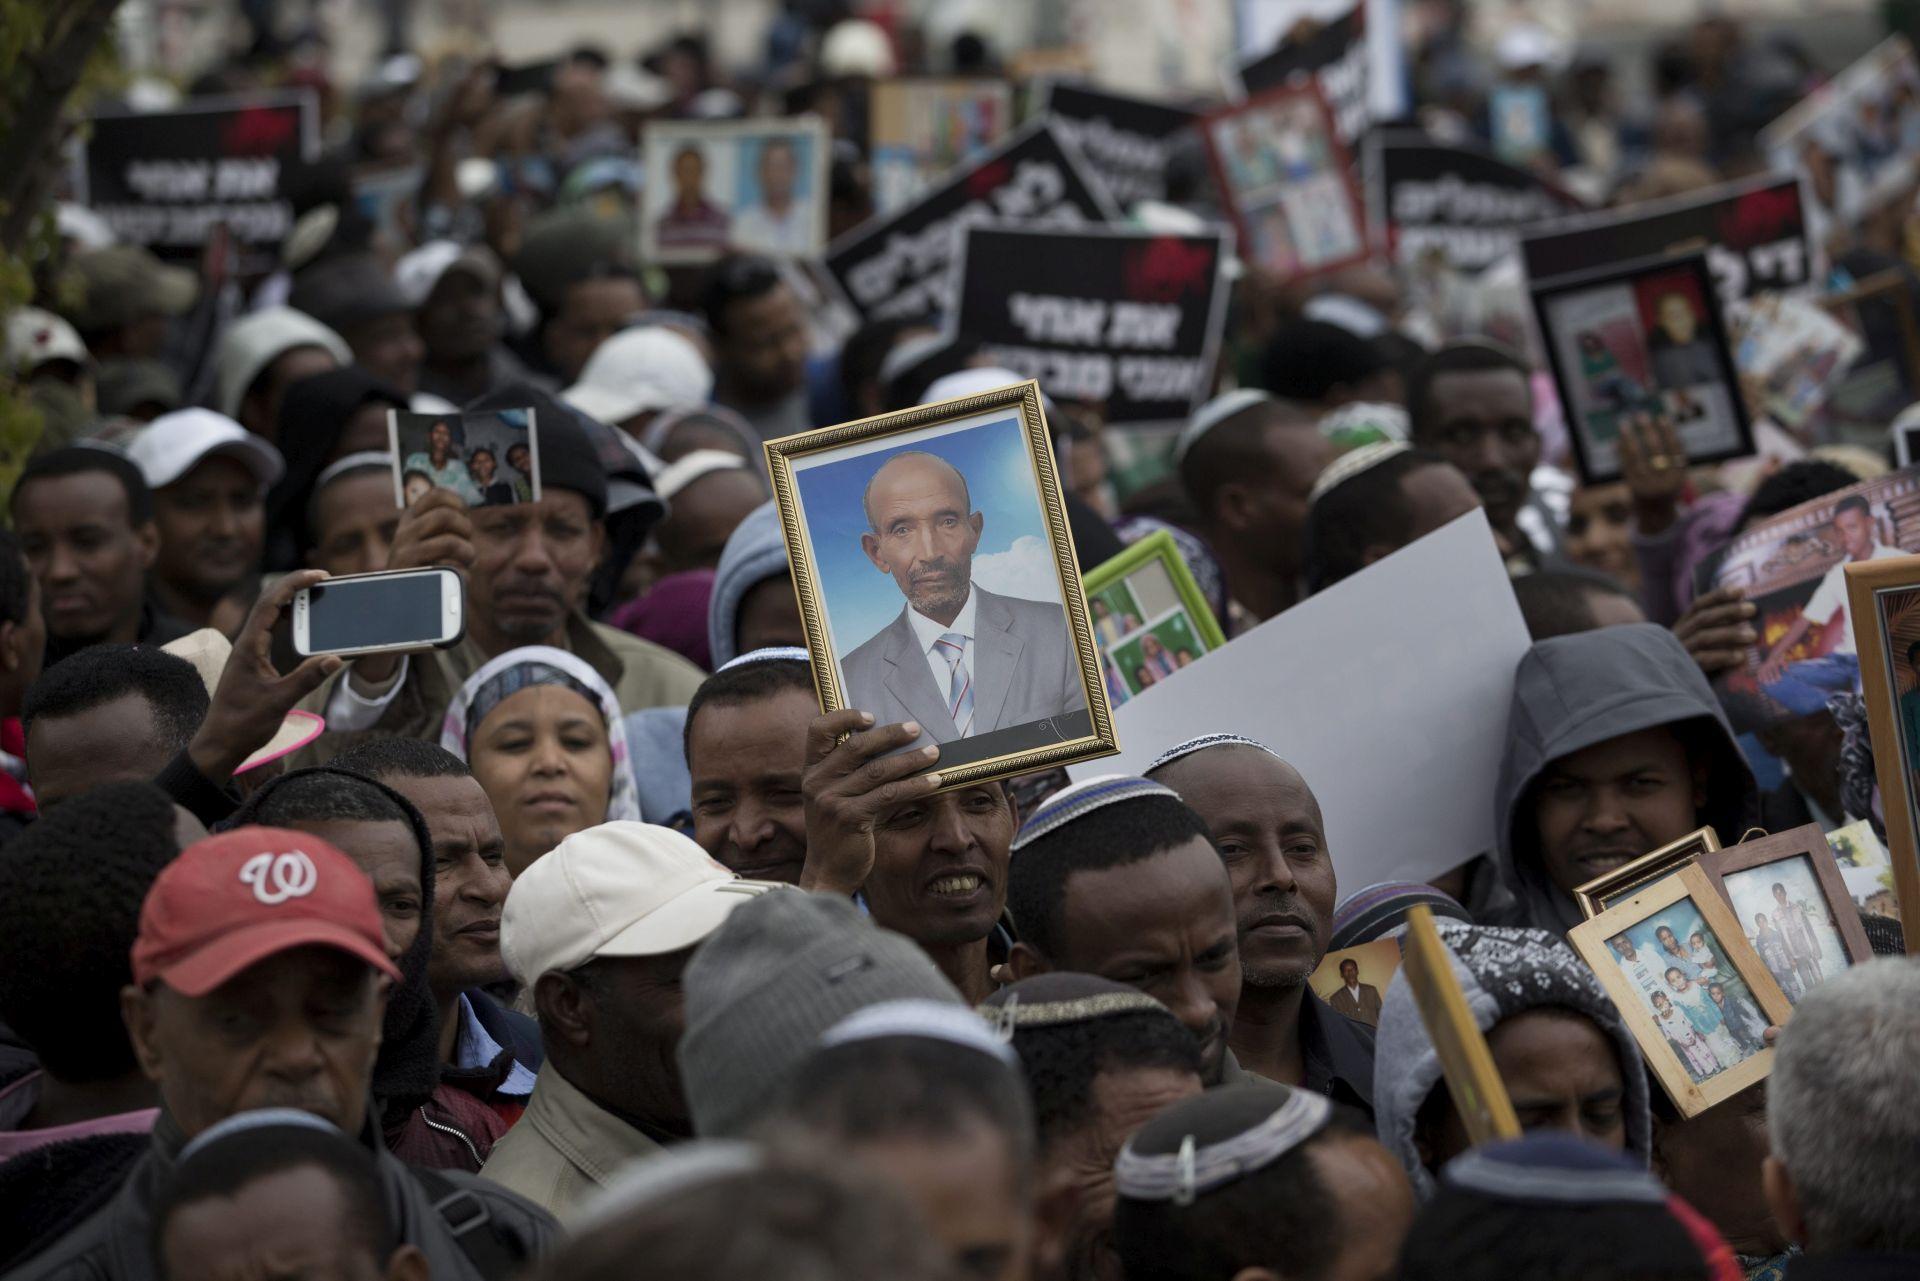 Izrael: Prosvjed etiopskih židova nakon otkazivanja plana obiteljskog okupljanja